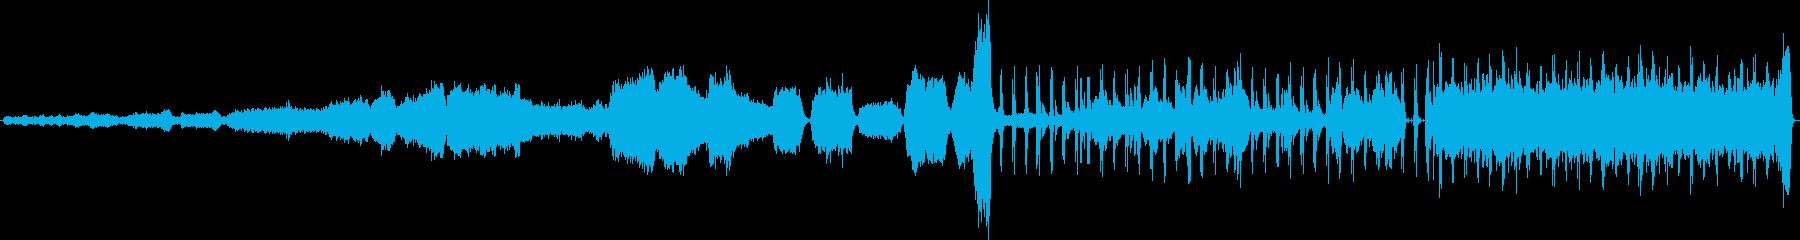 交響詩「レクイエム」の再生済みの波形